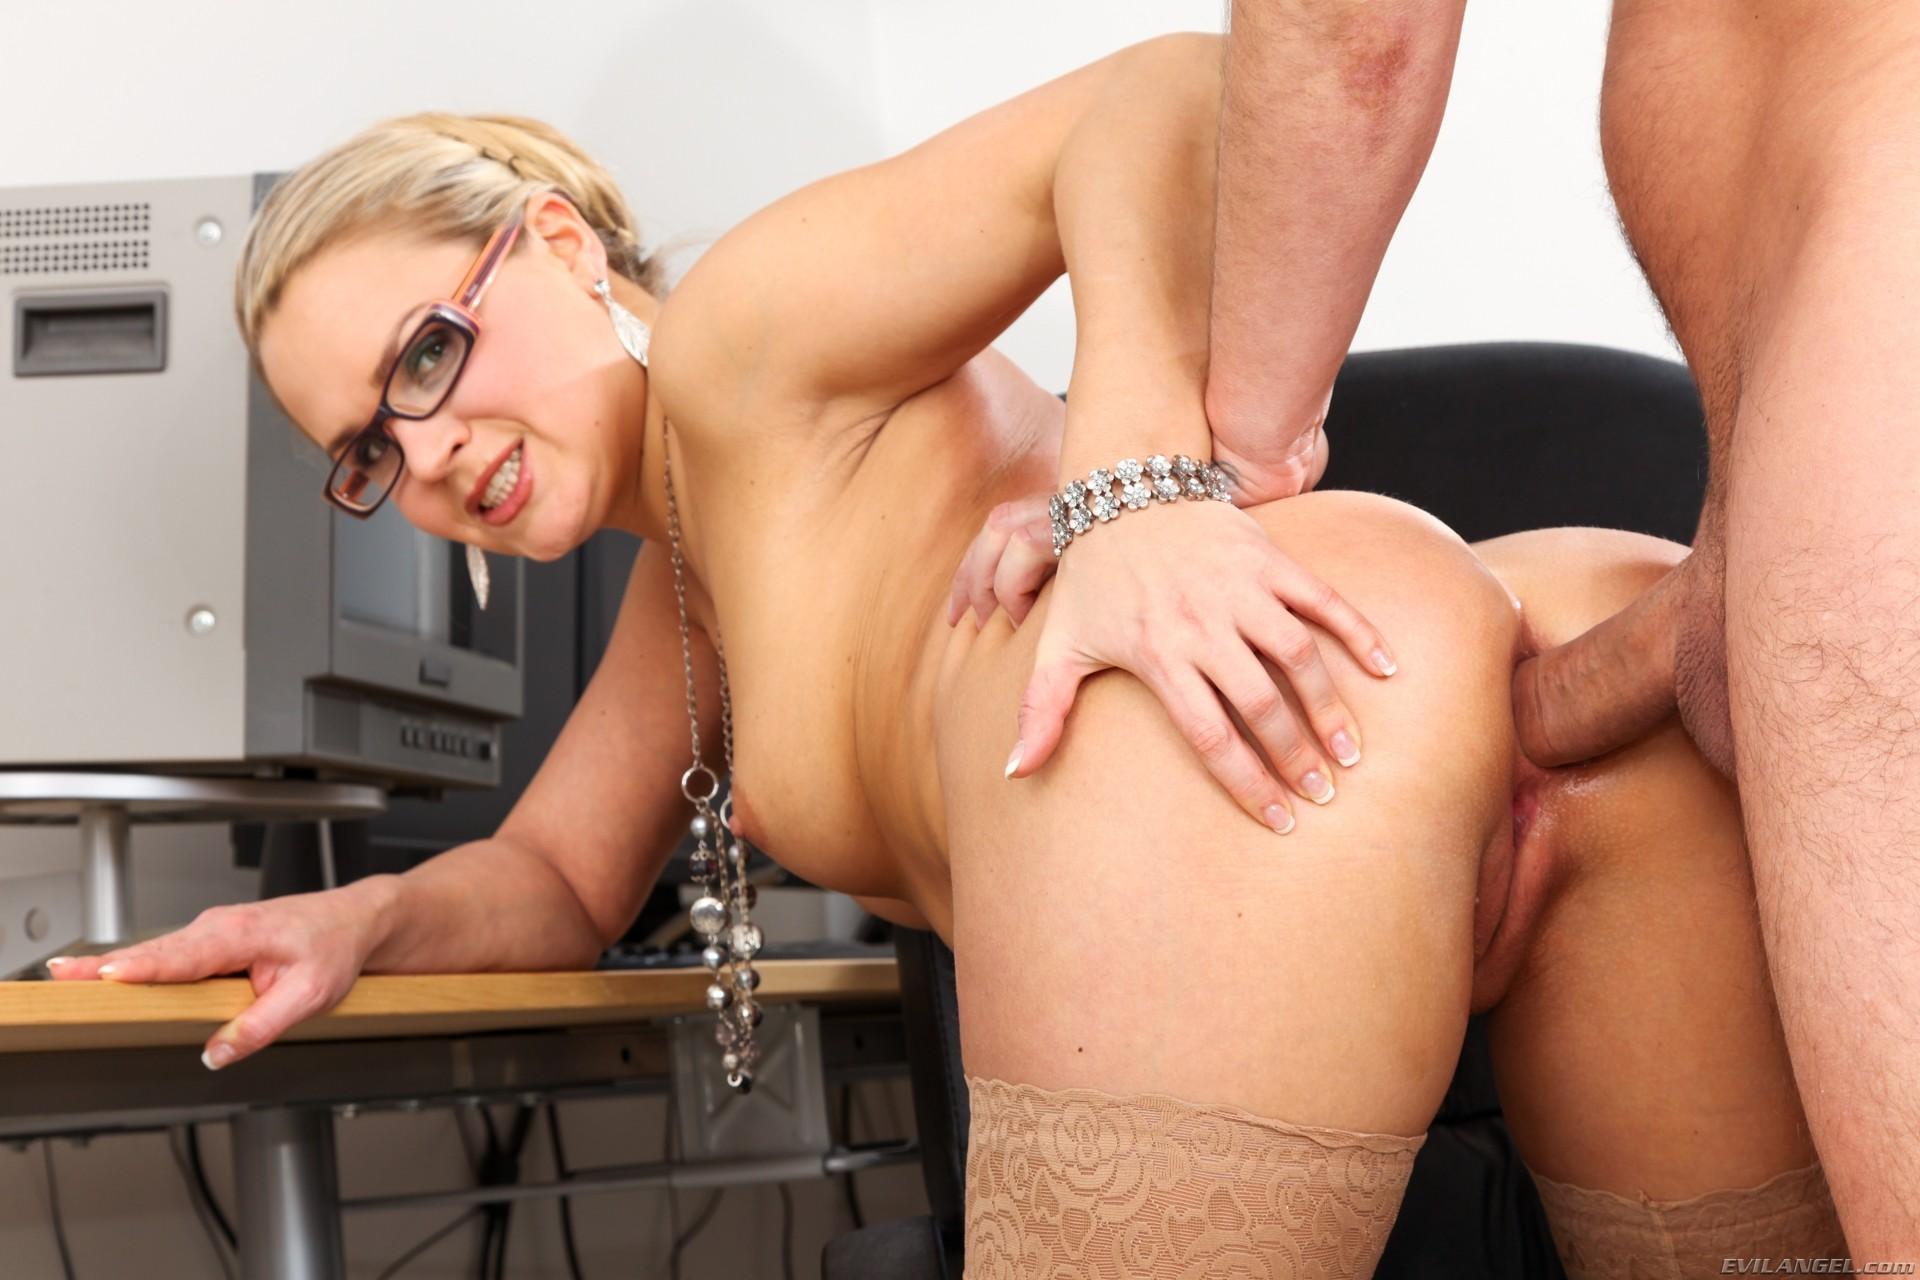 Русское порно в колготках анал секретарши, Секретарша в колготках, порно видео онлайн, бесплатно 15 фотография